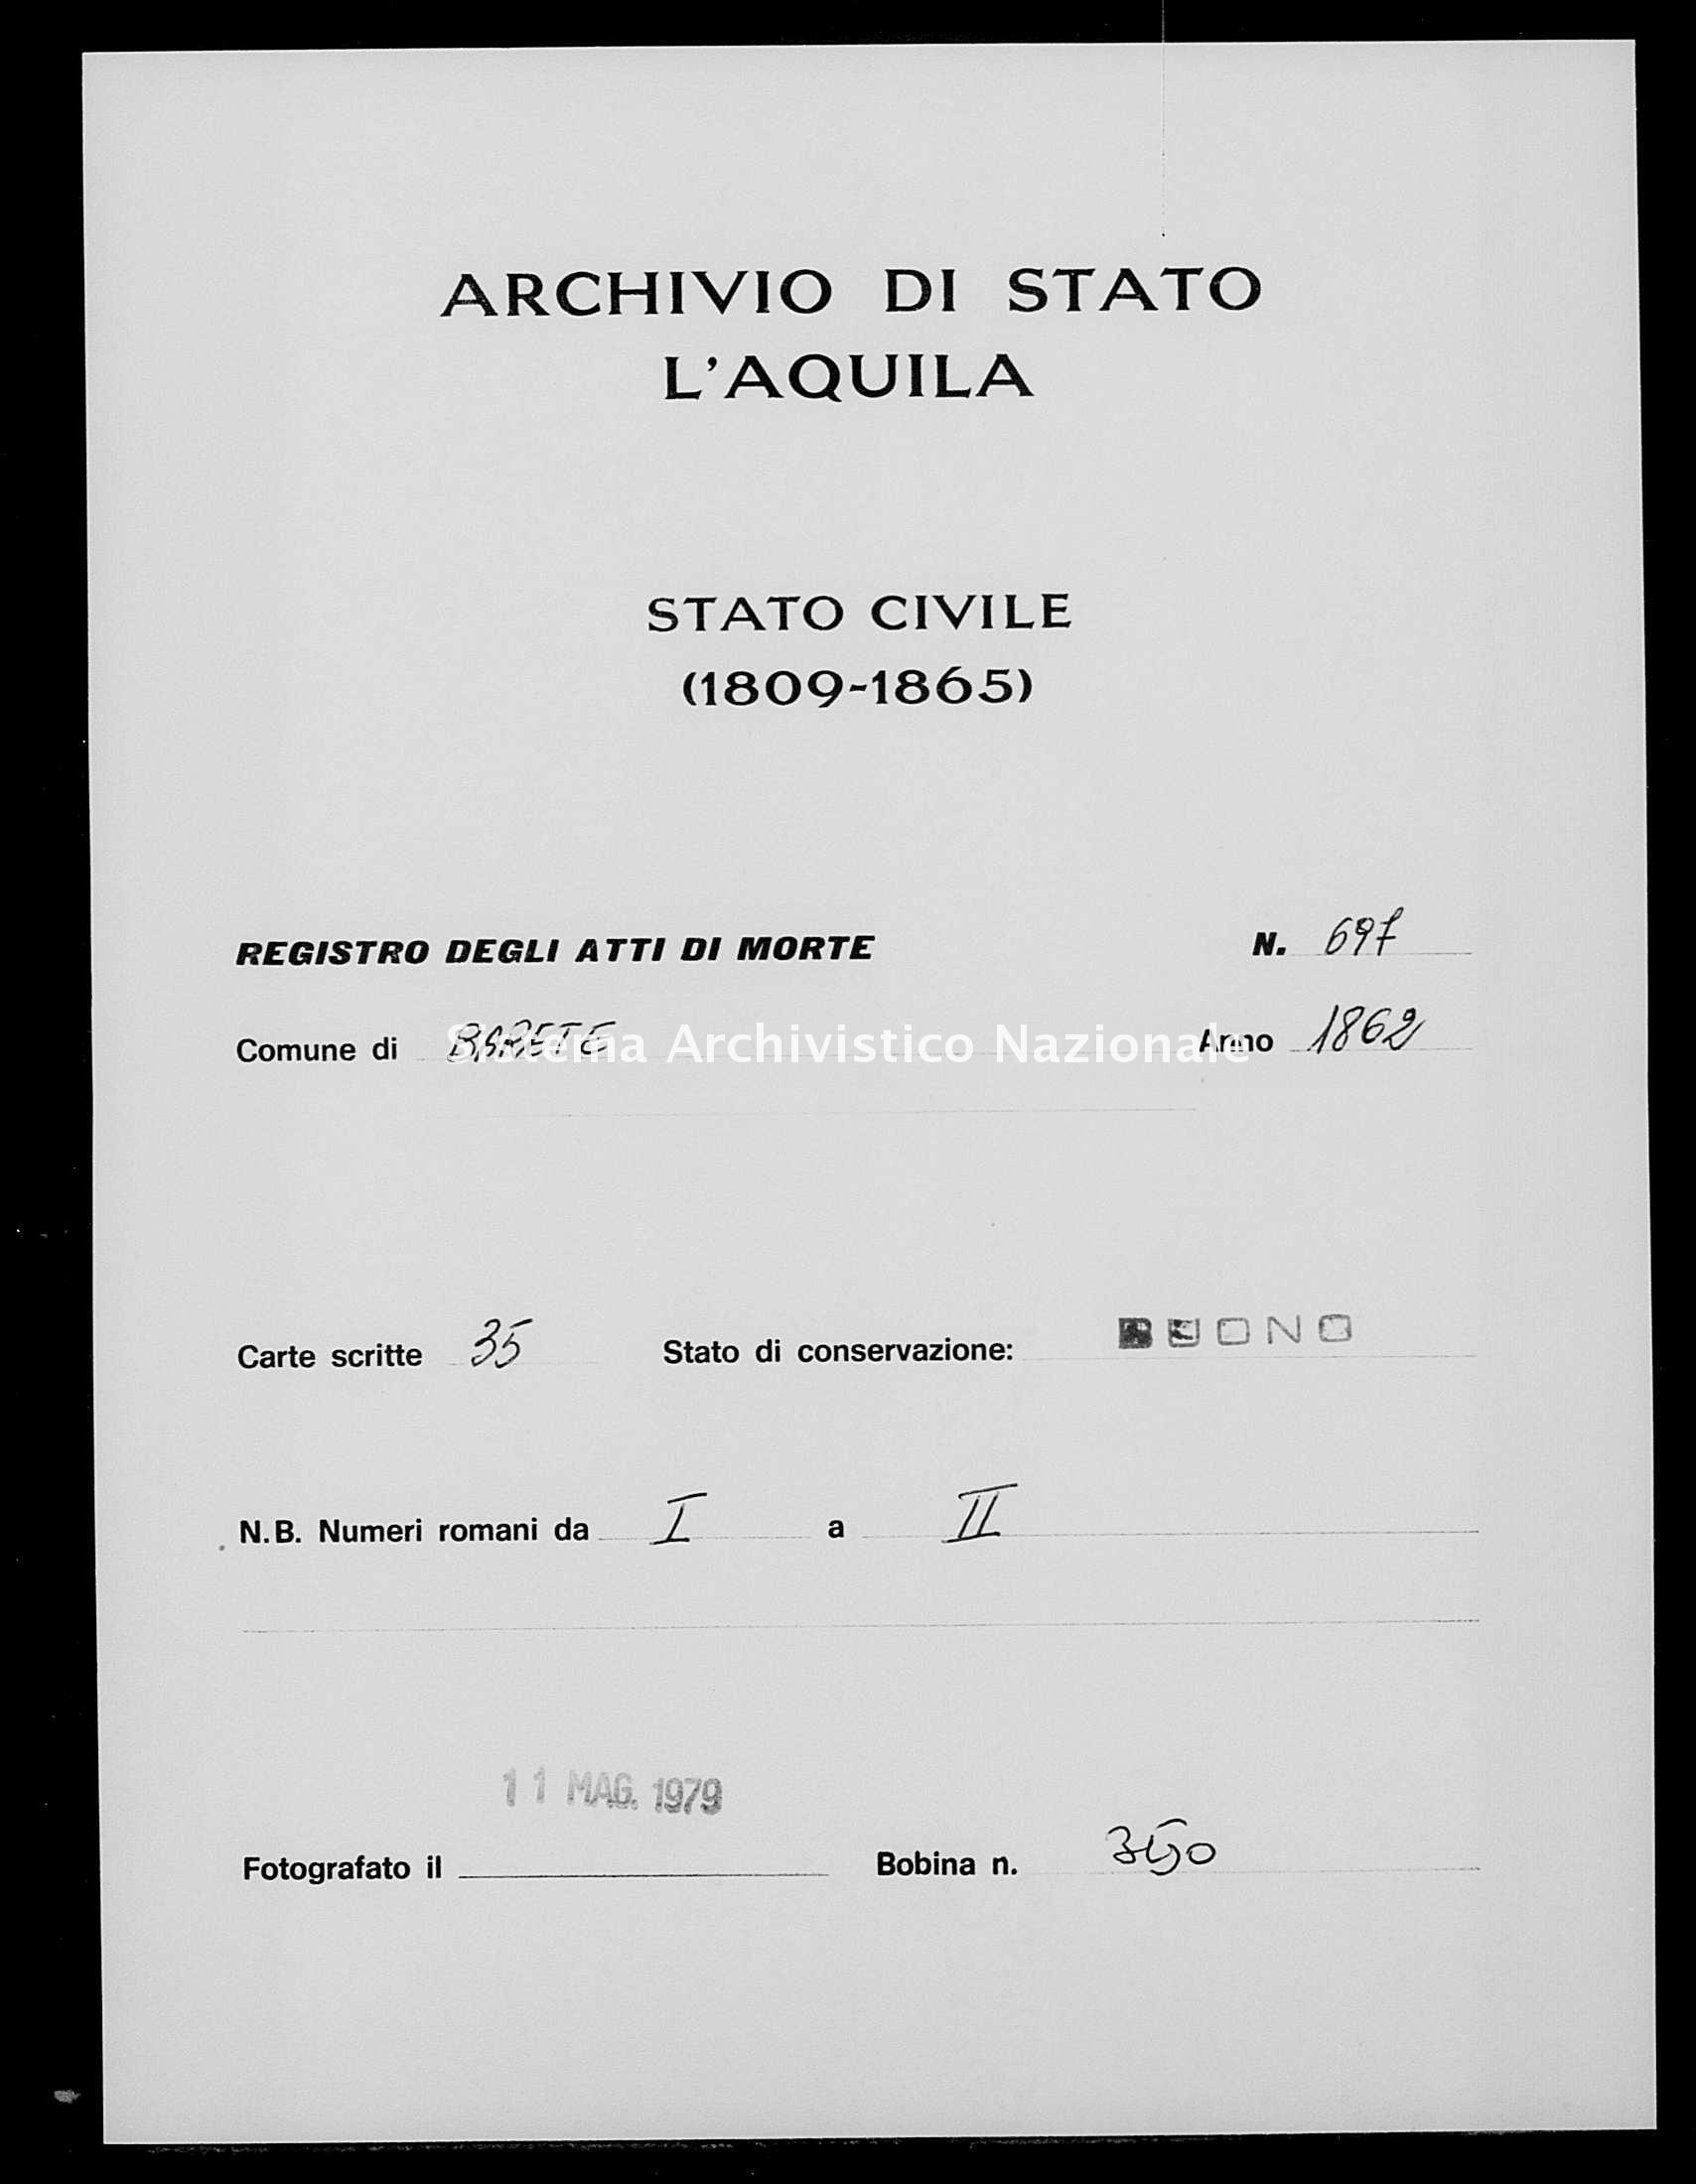 Archivio di stato di L'aquila - Stato civile italiano - Barete - Morti - 1862 - 697 -